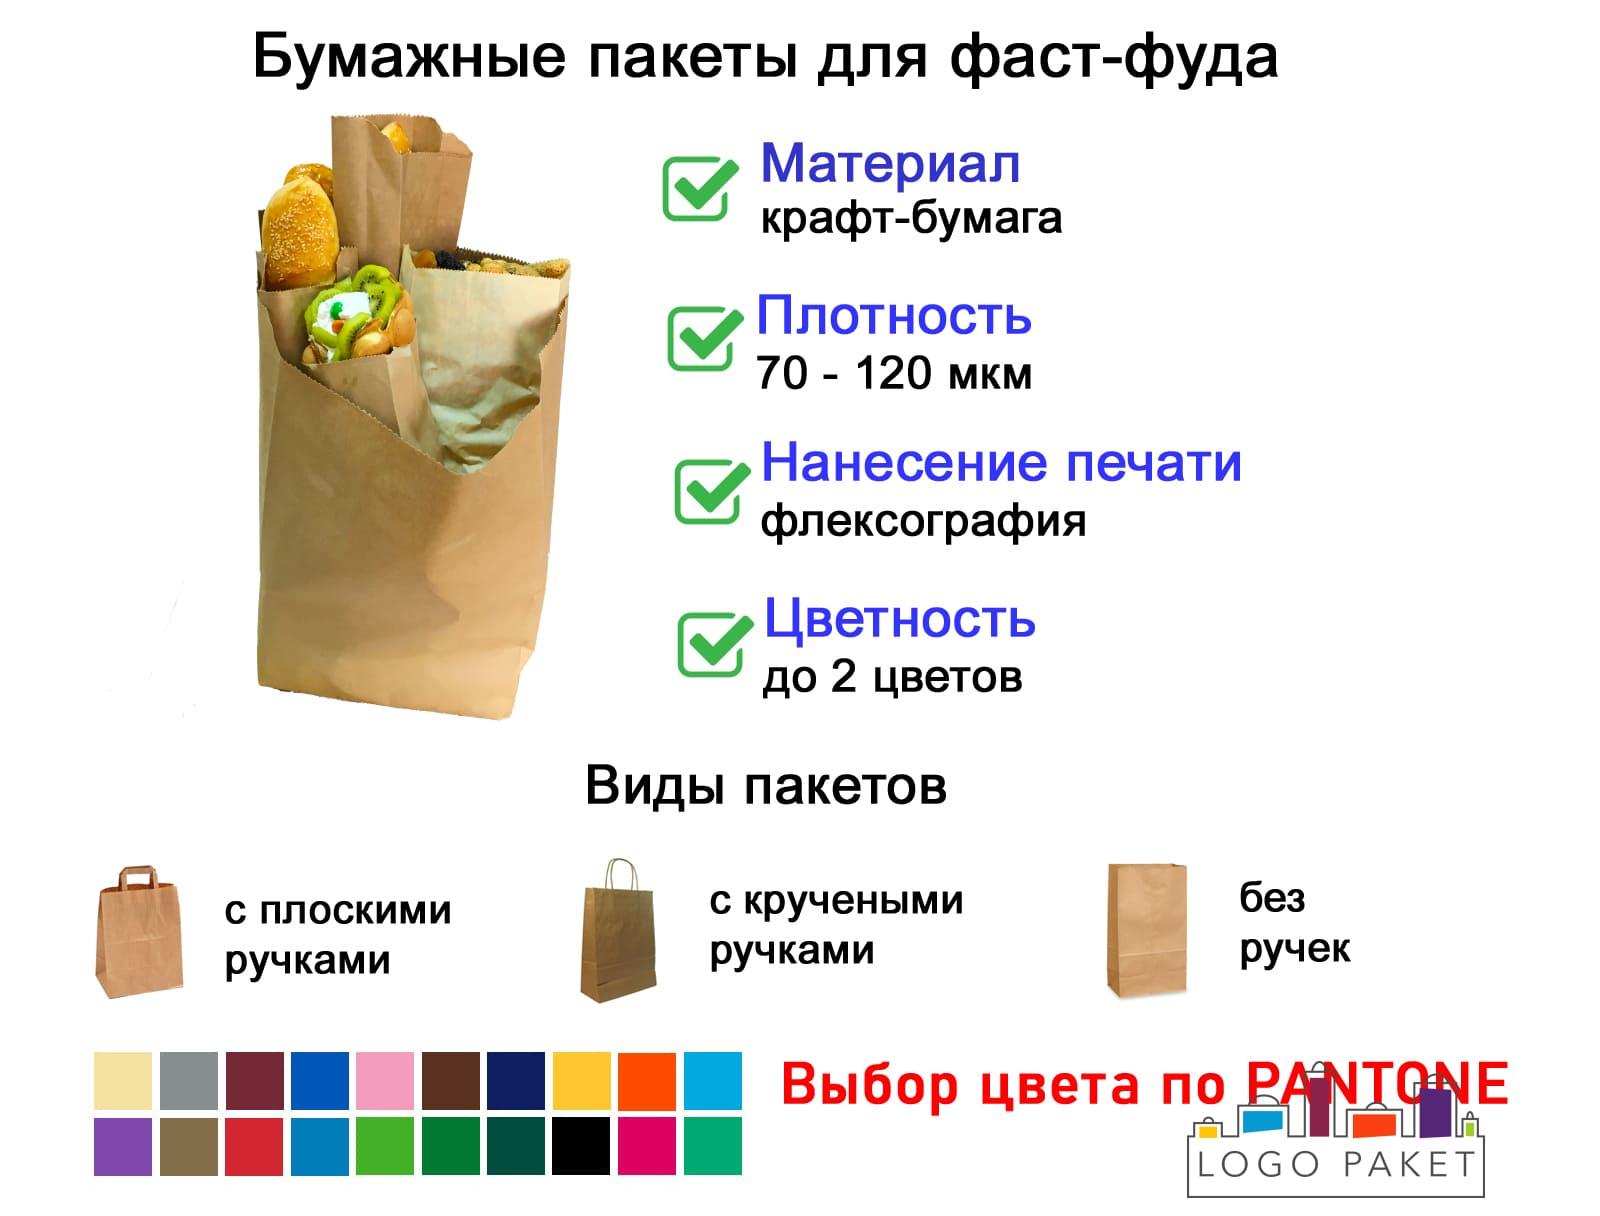 Бумажные пакеты для фаст-фуда инфографика